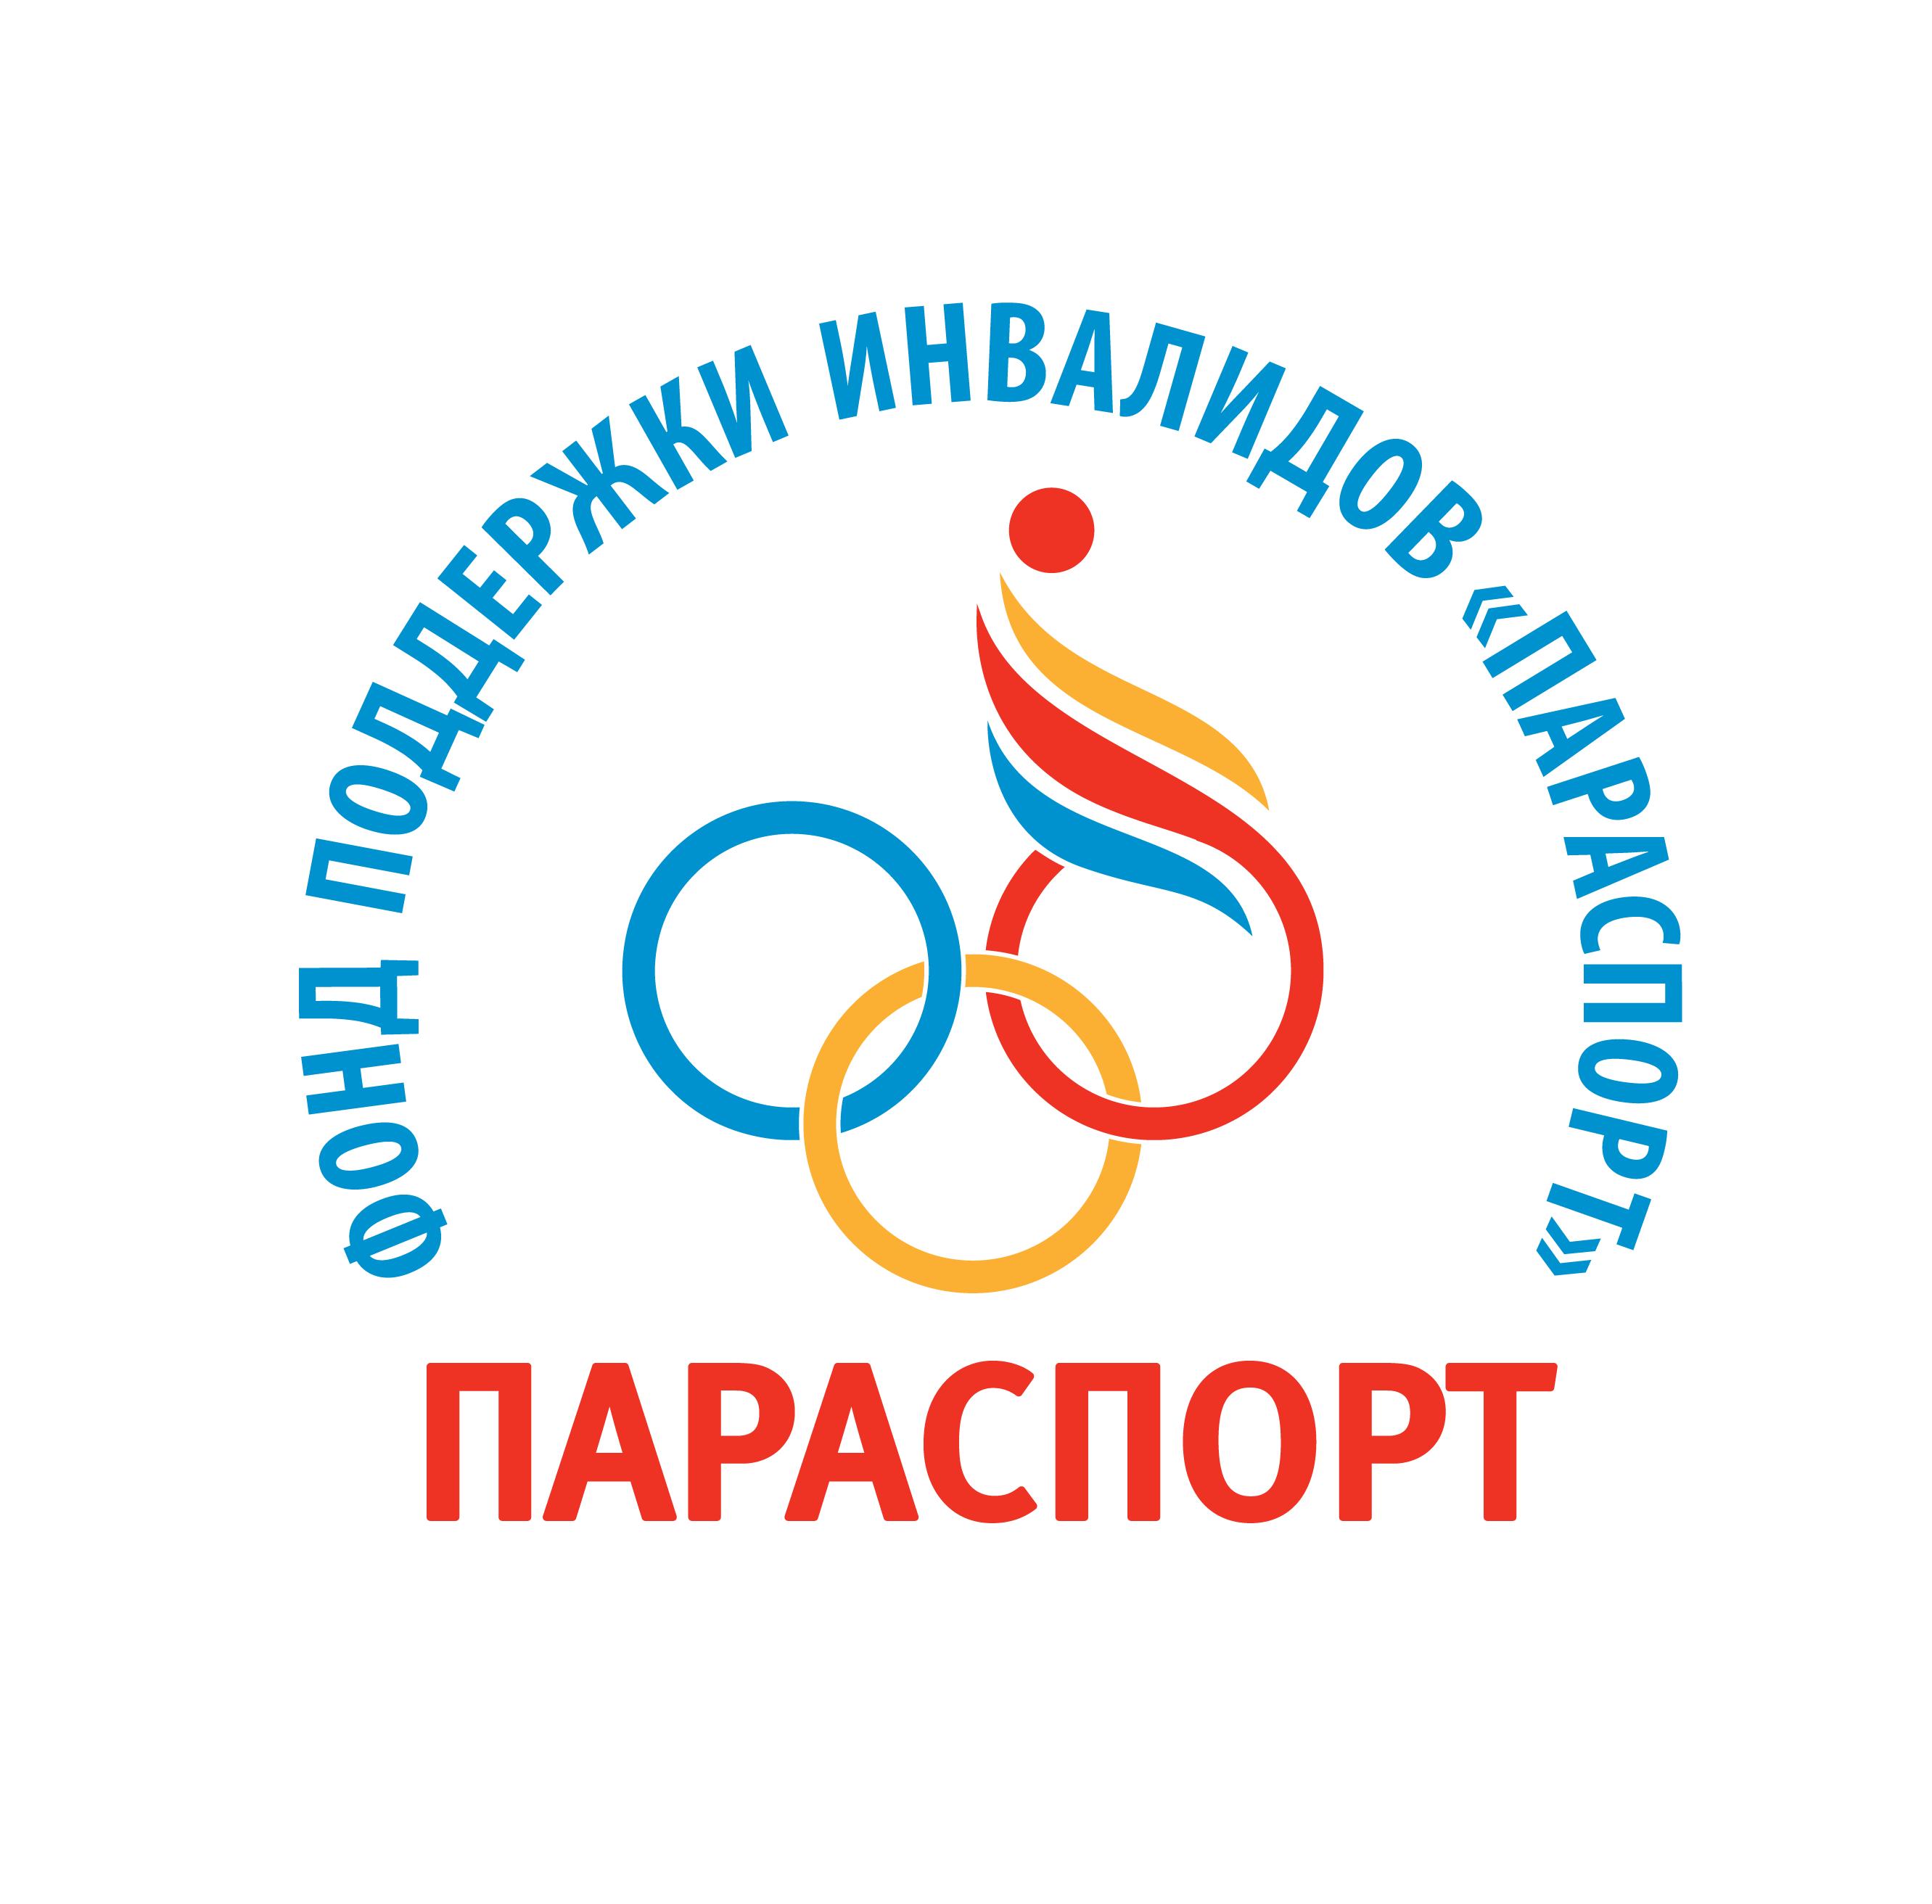 Международный благотворительный фонд Олега Бойко «Параспорт»: поддержка паралимпийского спорта во всем мире